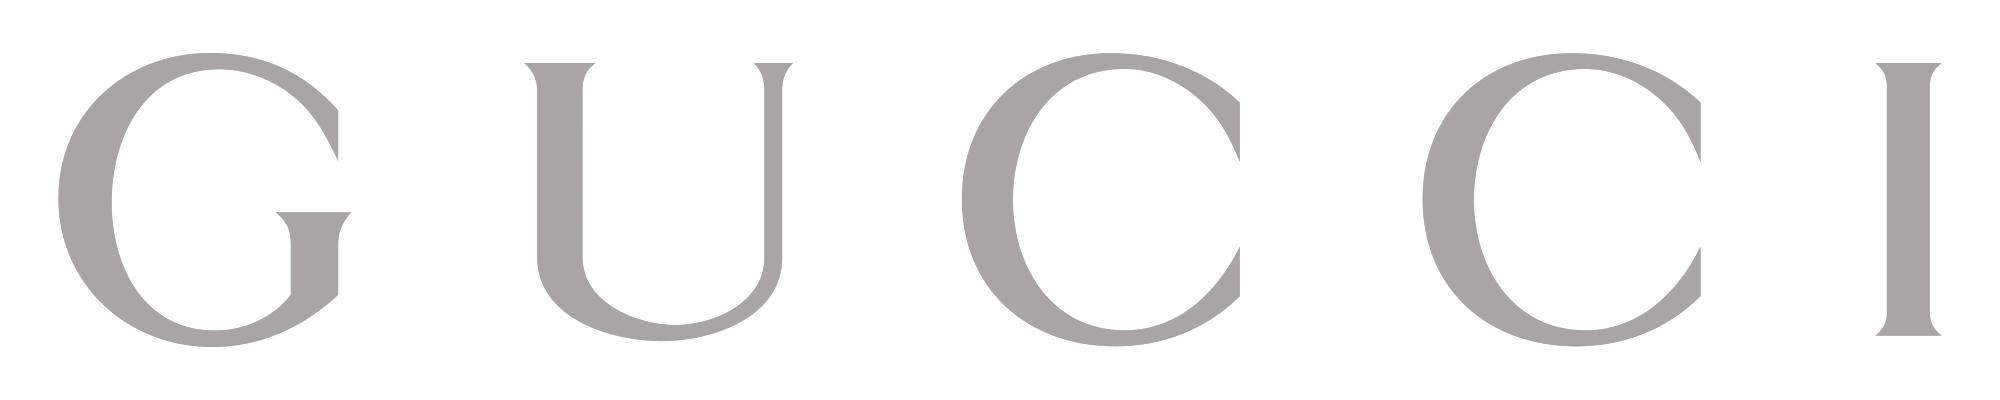 Solaires Gucci chez Optique Vision